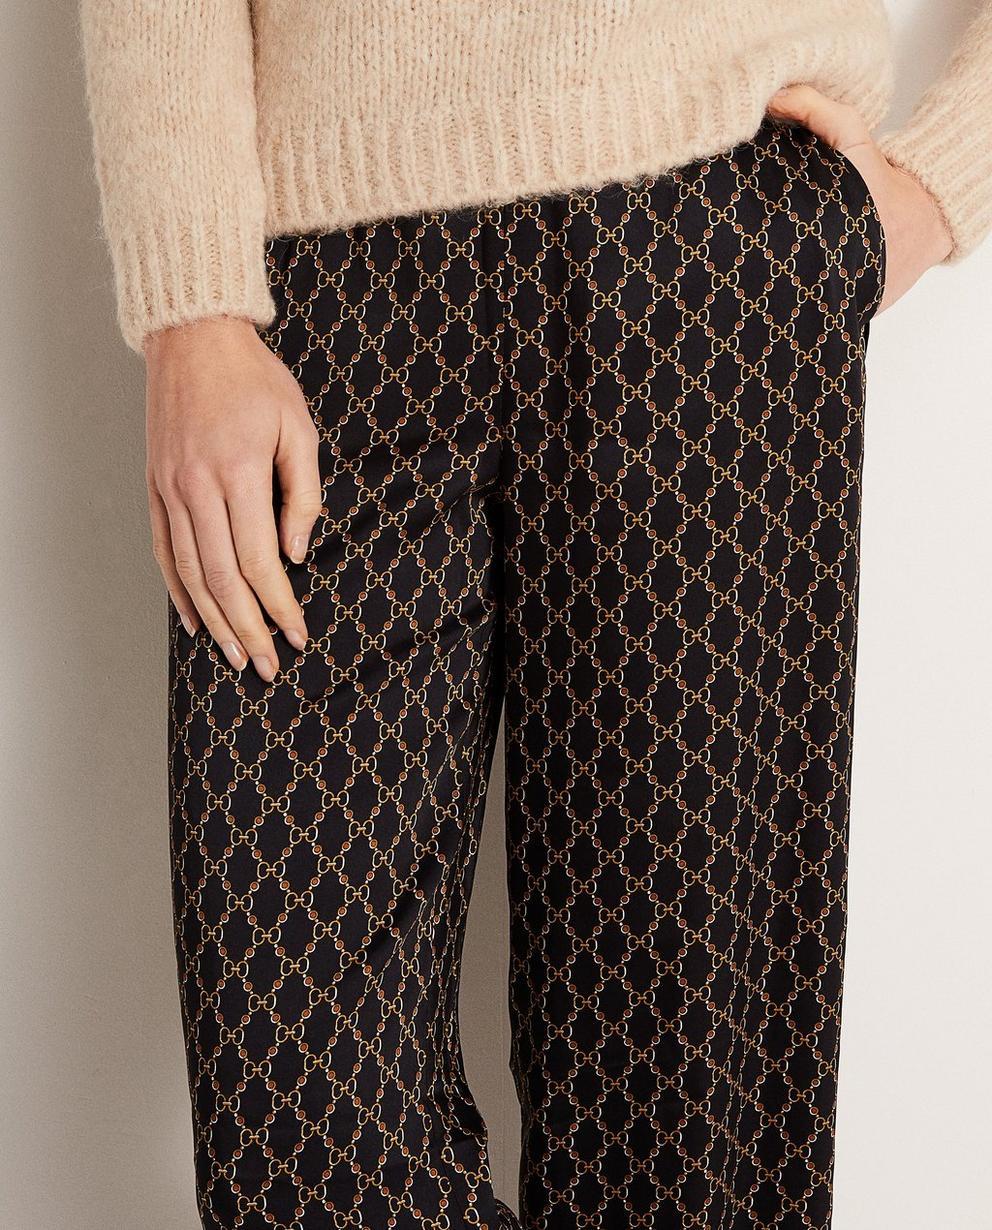 Pantalons - AO1 - Pantalon palazzo